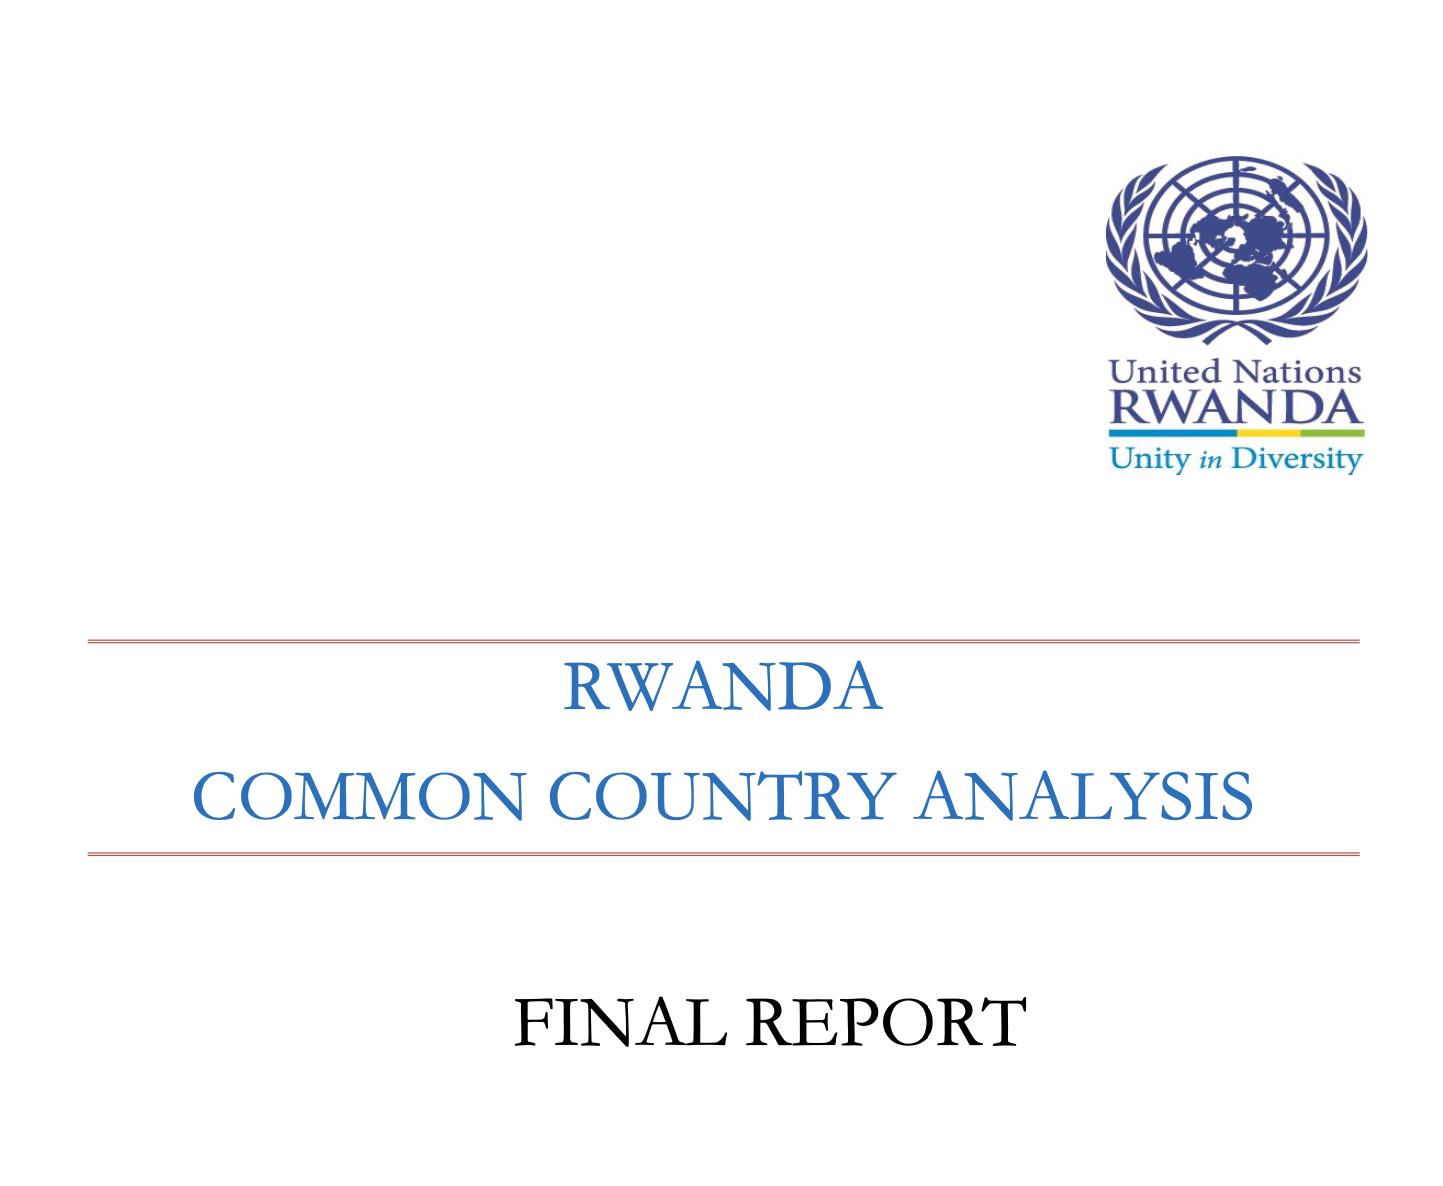 RWANDA COMMON COUNTRY ANALYSIS FINAL REPORT 2017